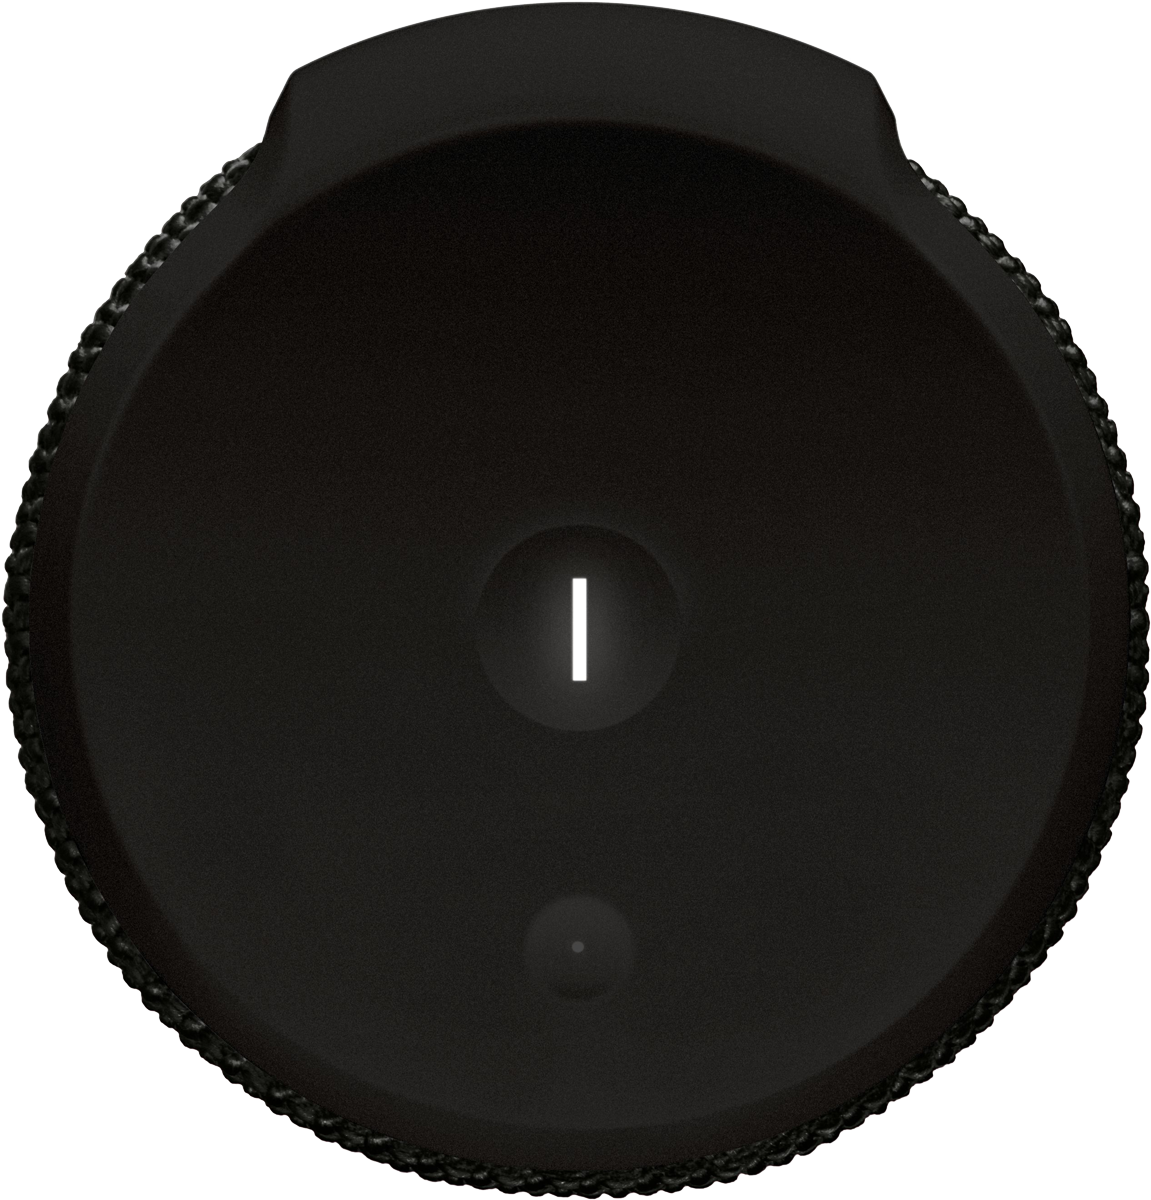 UE BOOM 2, schwarz günstig kaufen - Wassergeschützt | Media Markt ...